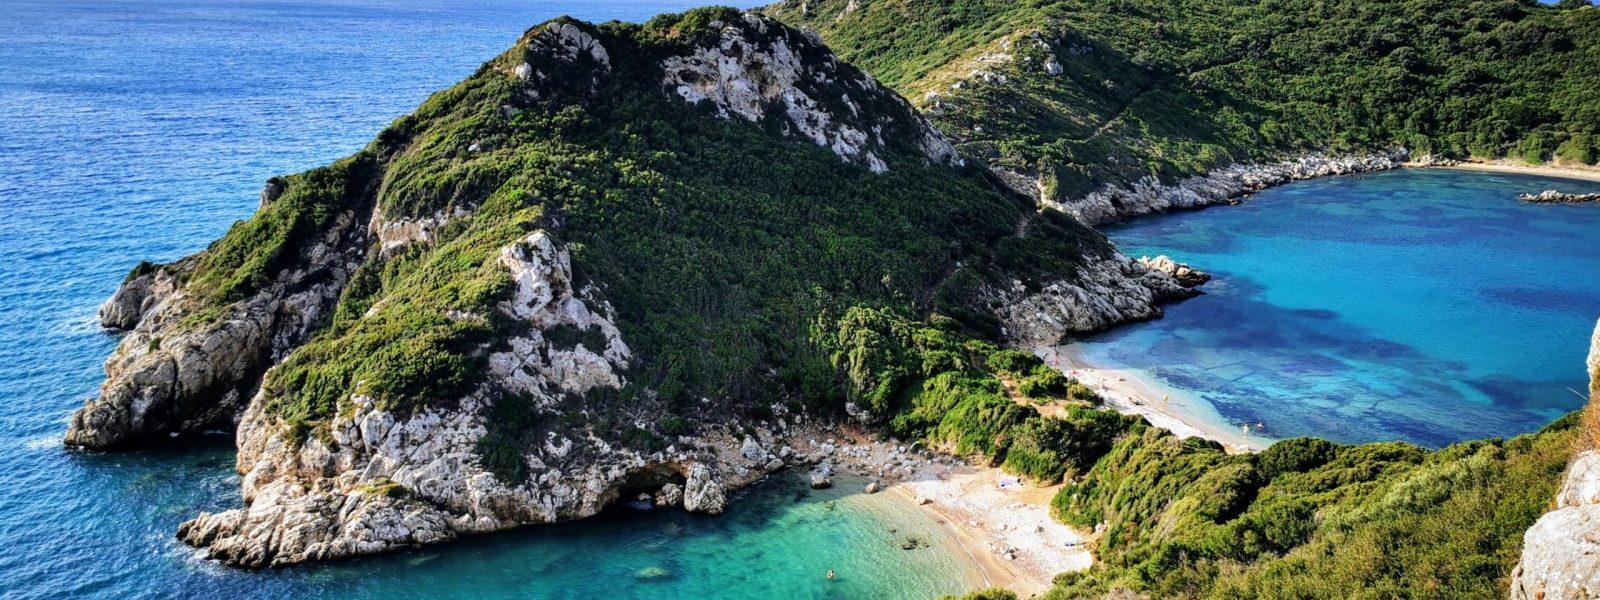 De mooiste Griekse eilanden: top 10 mooiste plekken in Griekenland